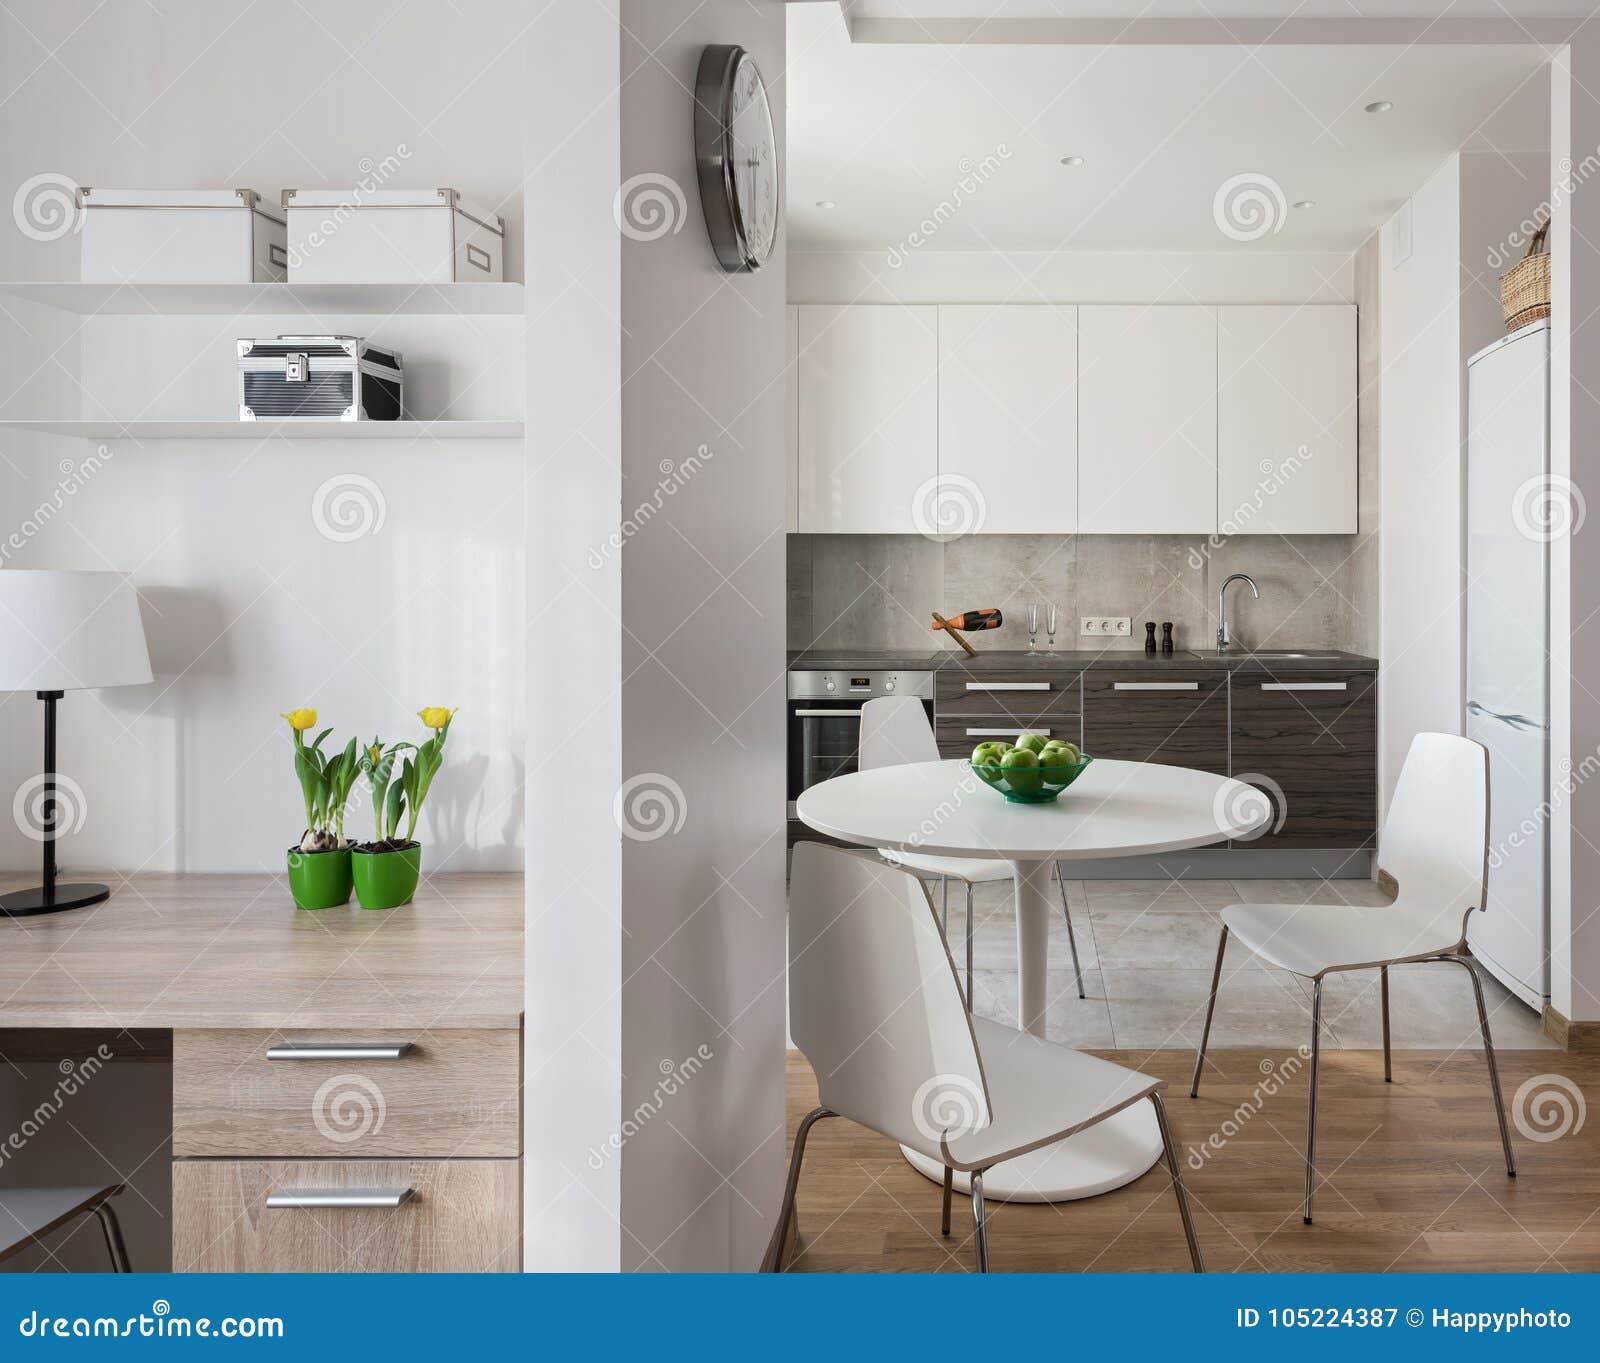 Interno dell 39 appartamento moderno nello stile scandinavo for Interno moderno